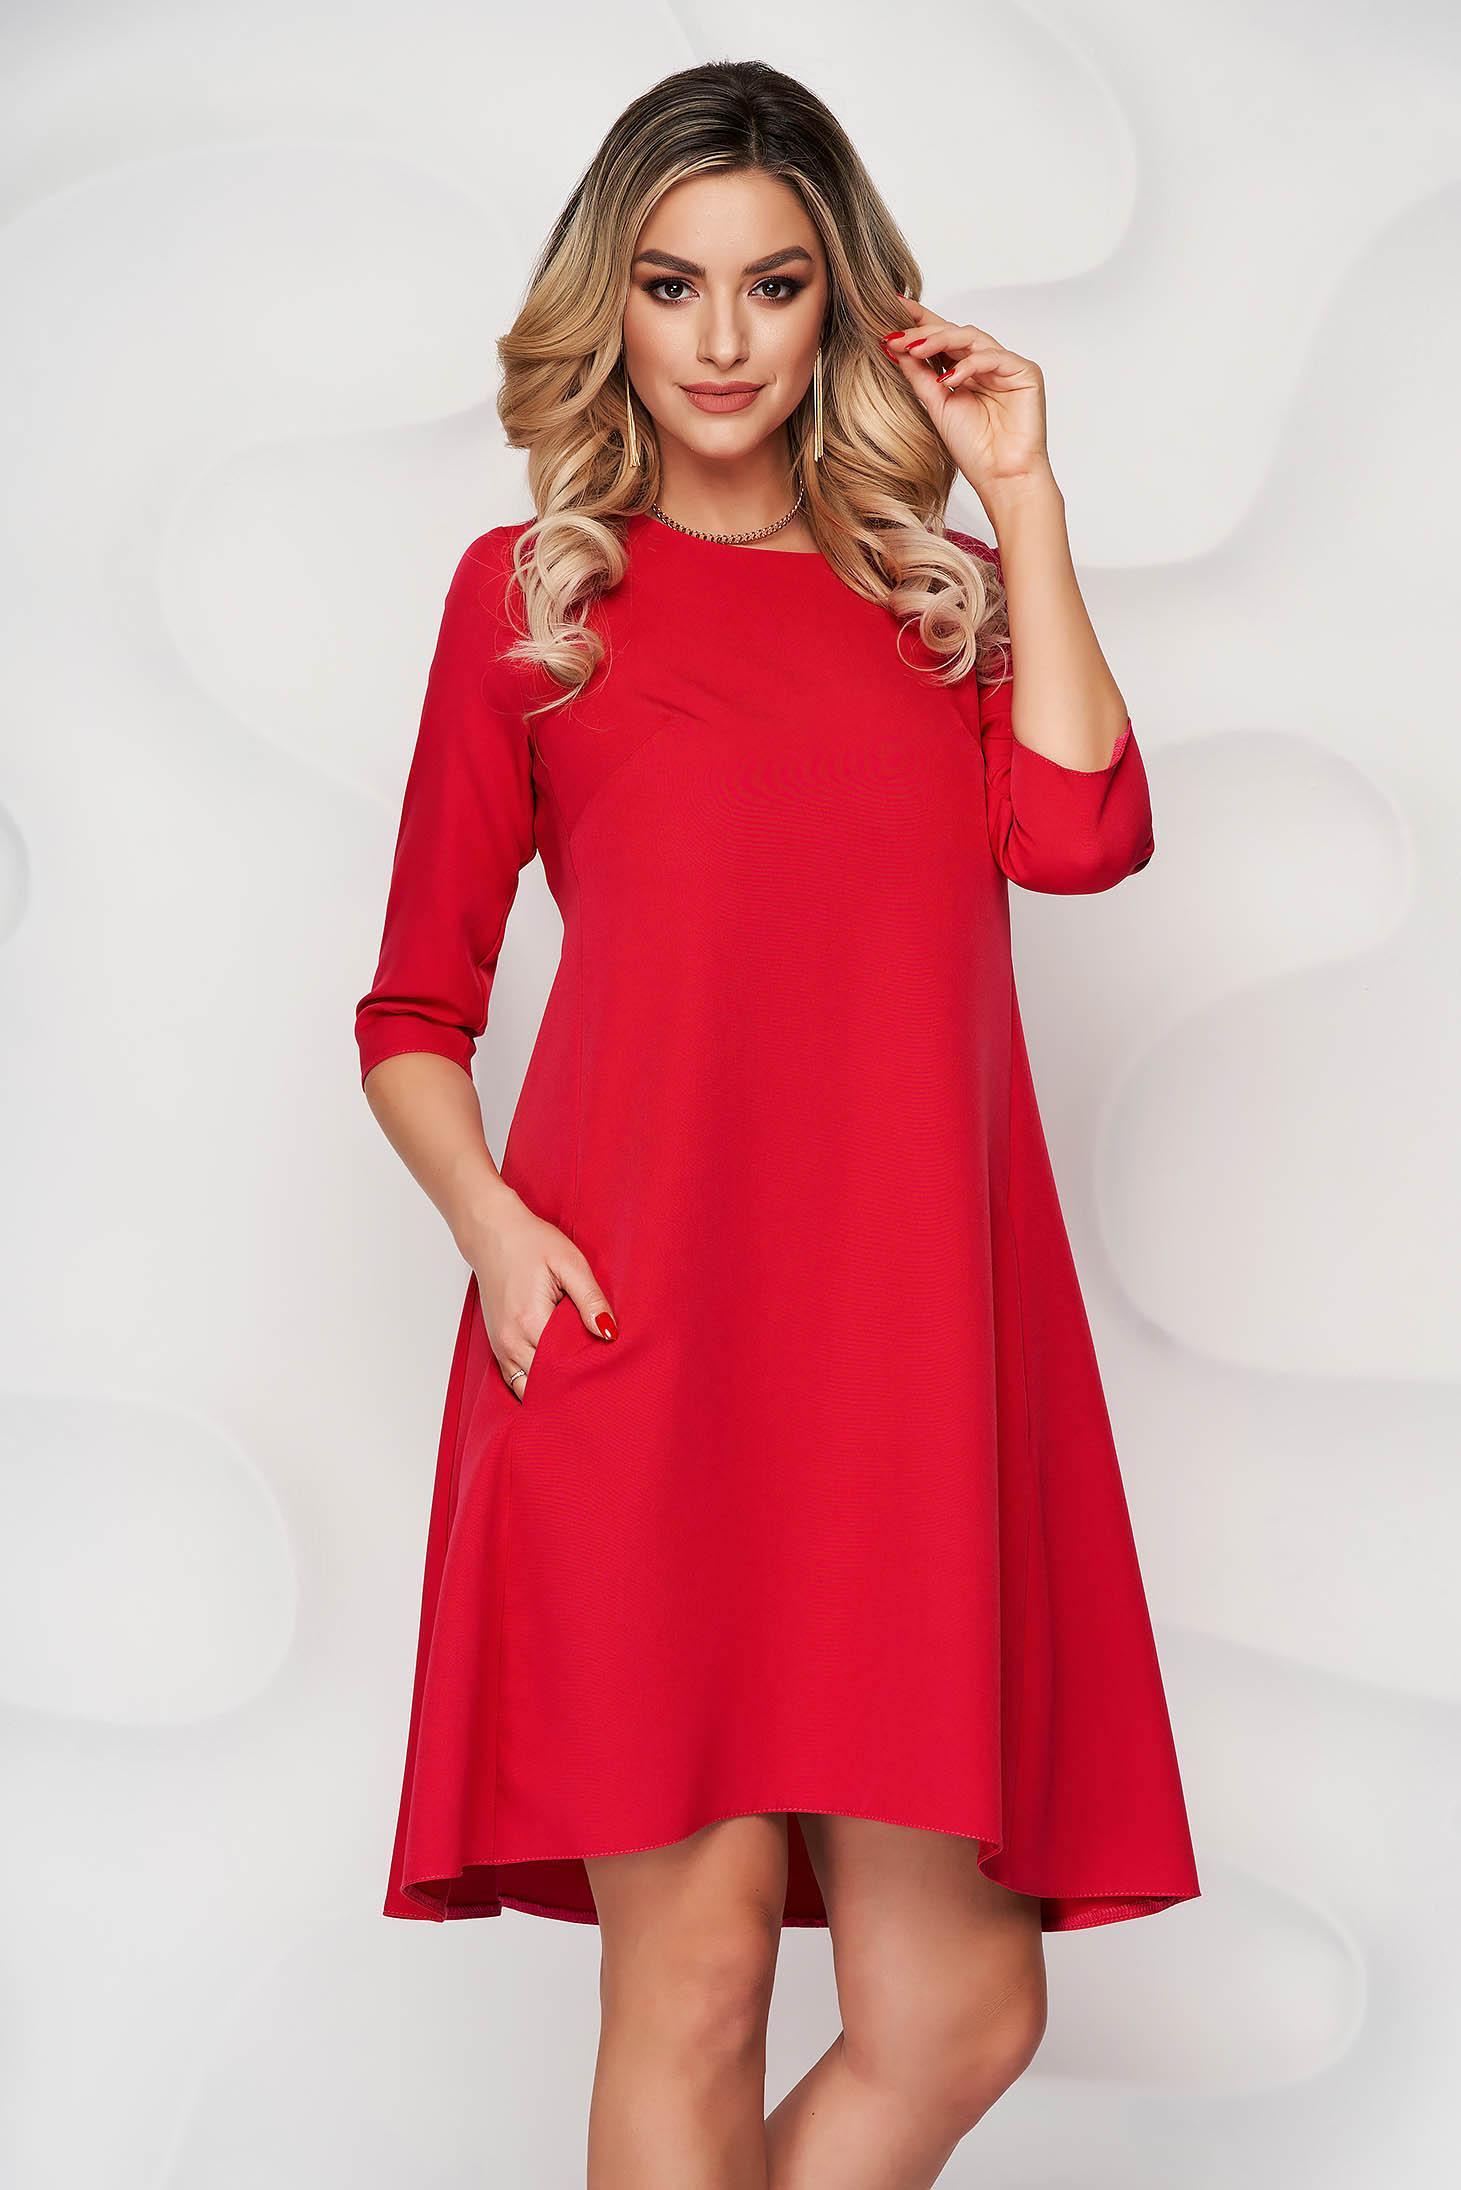 Rochie rosie cu croi in a din stofa usor elastica si decolteu rotunjit